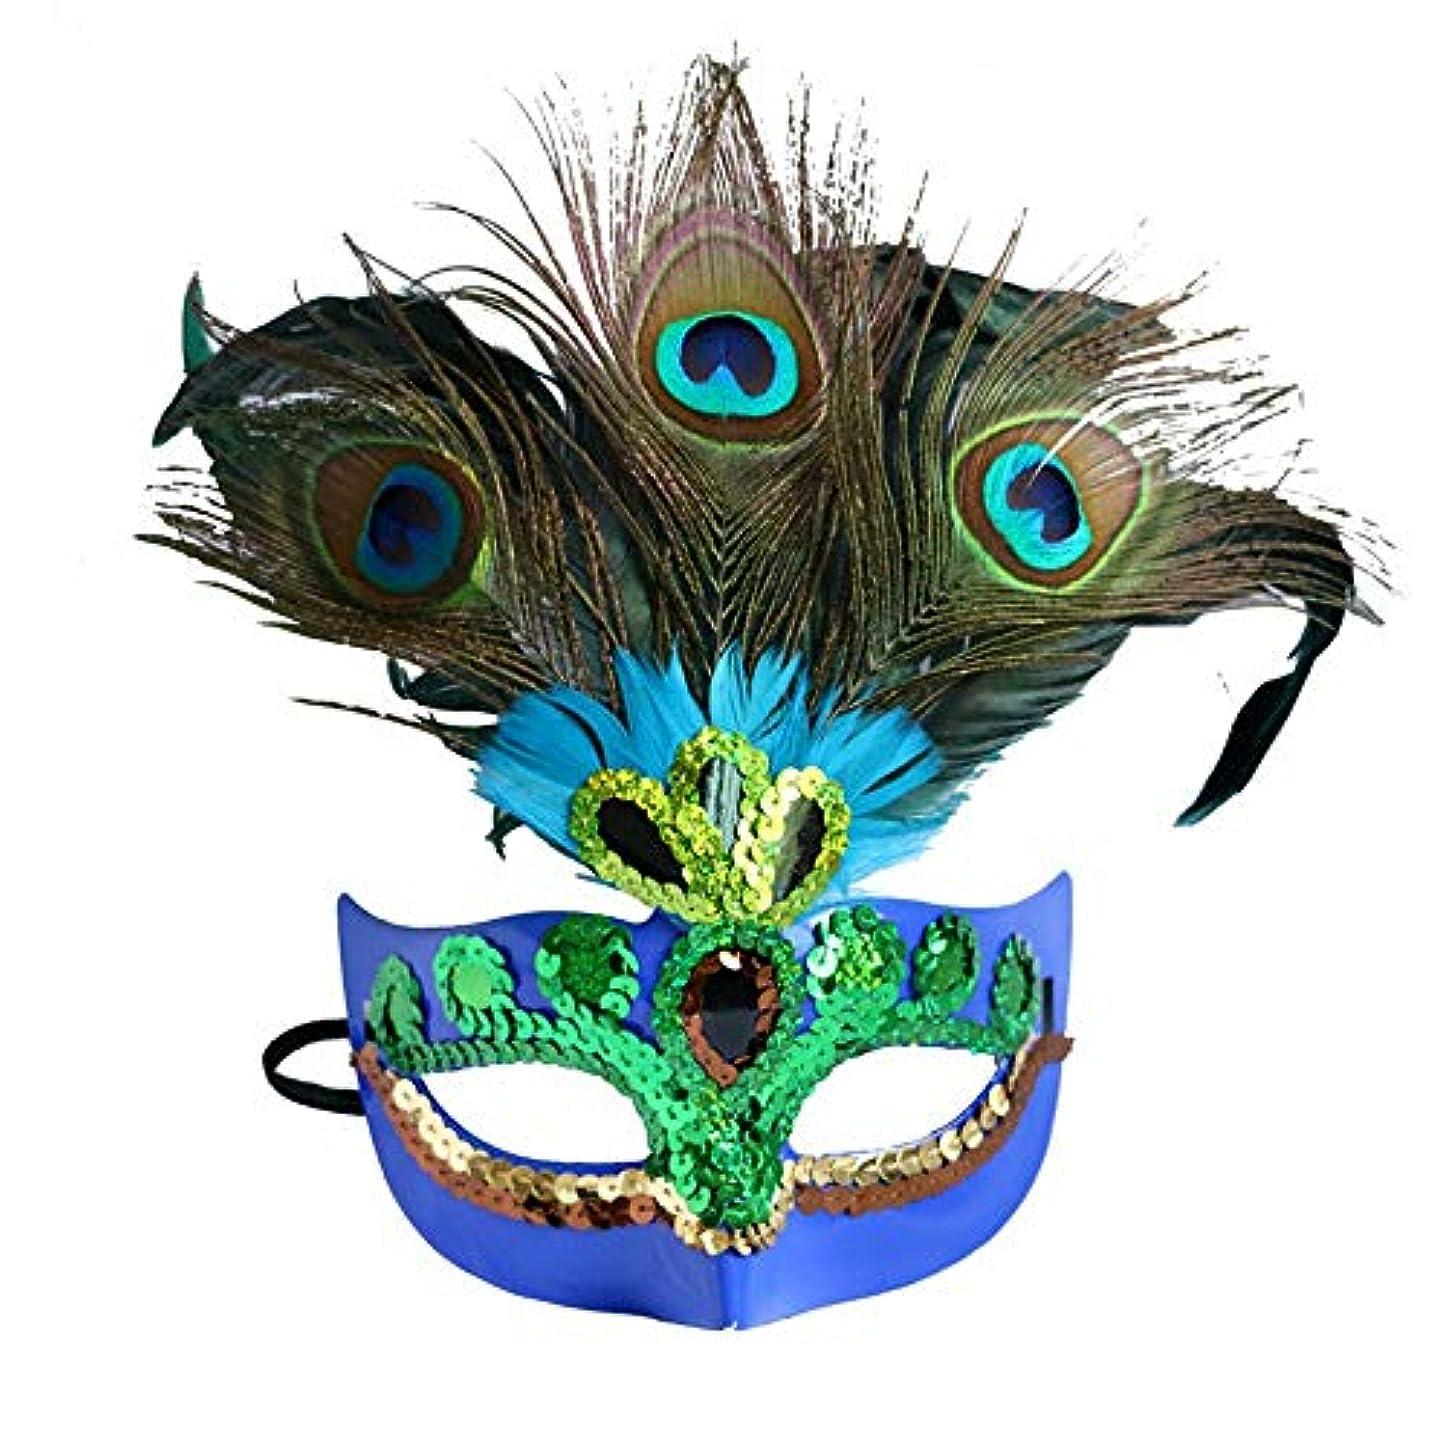 見落とす緩やかな舗装するフェザーマスク、ピーコックフェザーパーティー等マスカレード、クリスマス、ファッションショー締約国のためにベネチアンマスクマスク,ブルー